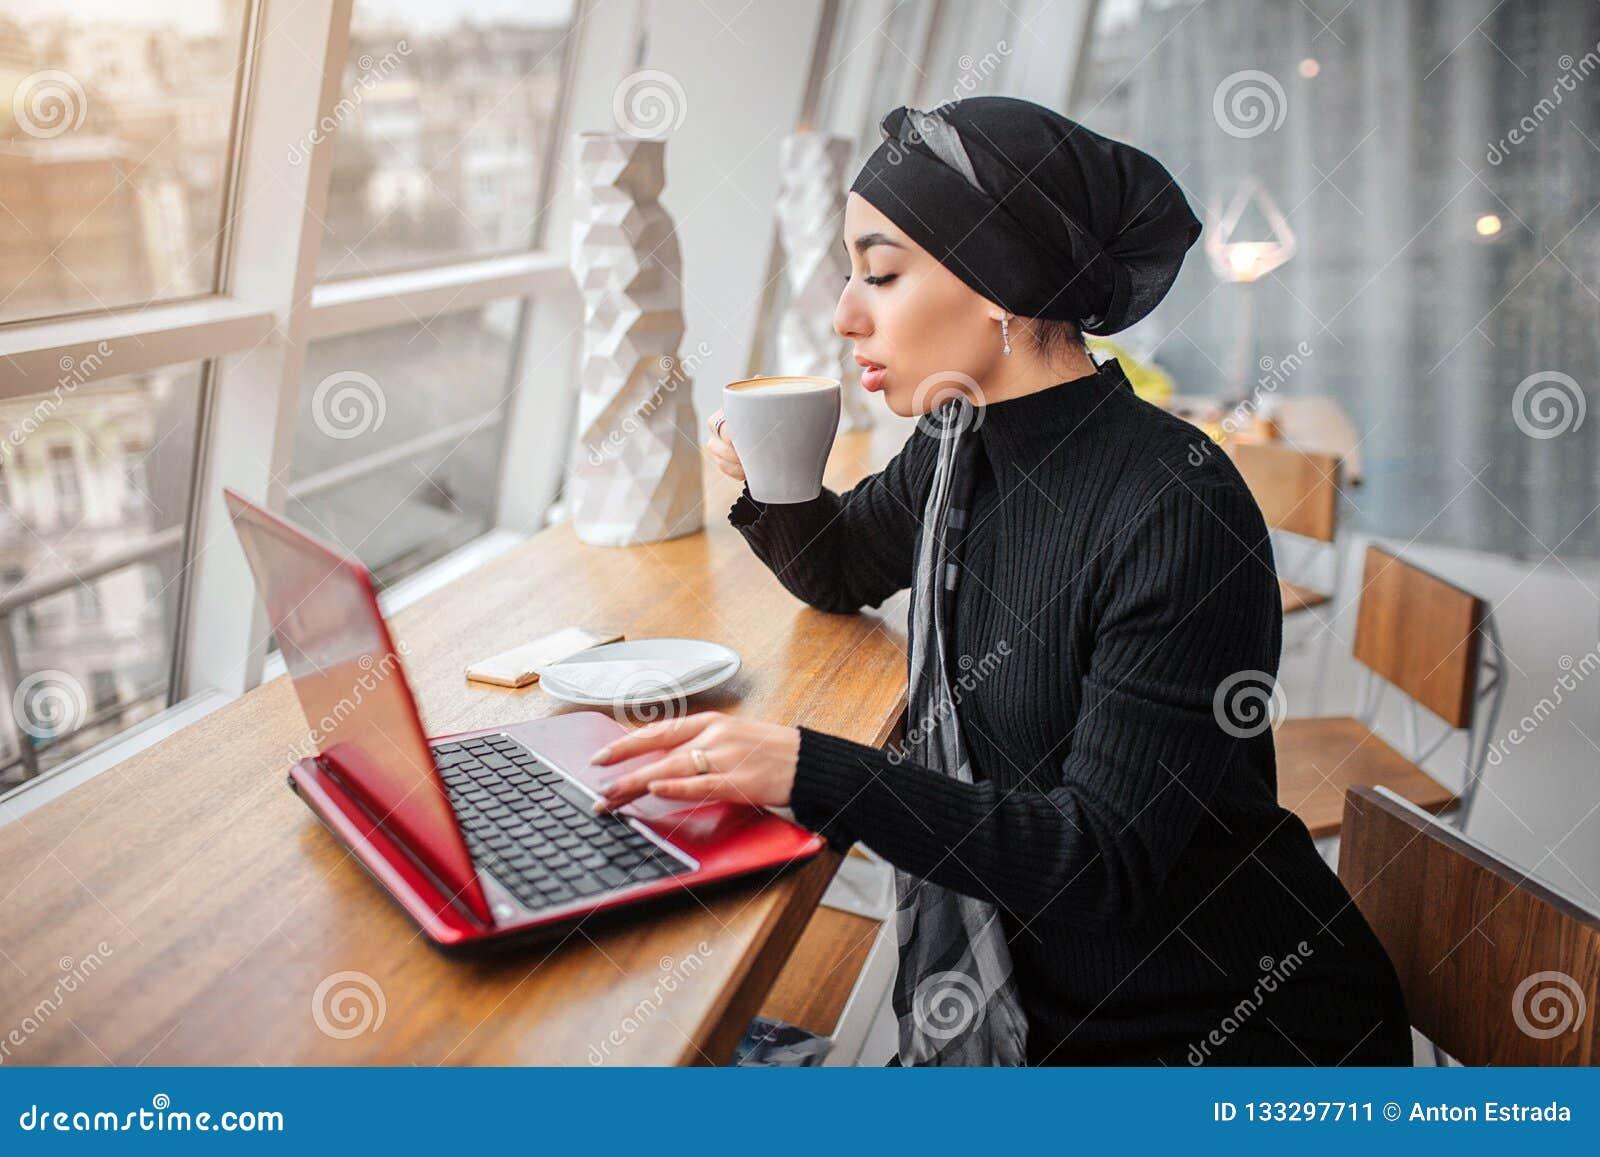 De mooie en goed-geklede jonge Arabische vrouw drinkt koffie en werkt aan laptop Zij zit binnen bij lijst Het is zonnig